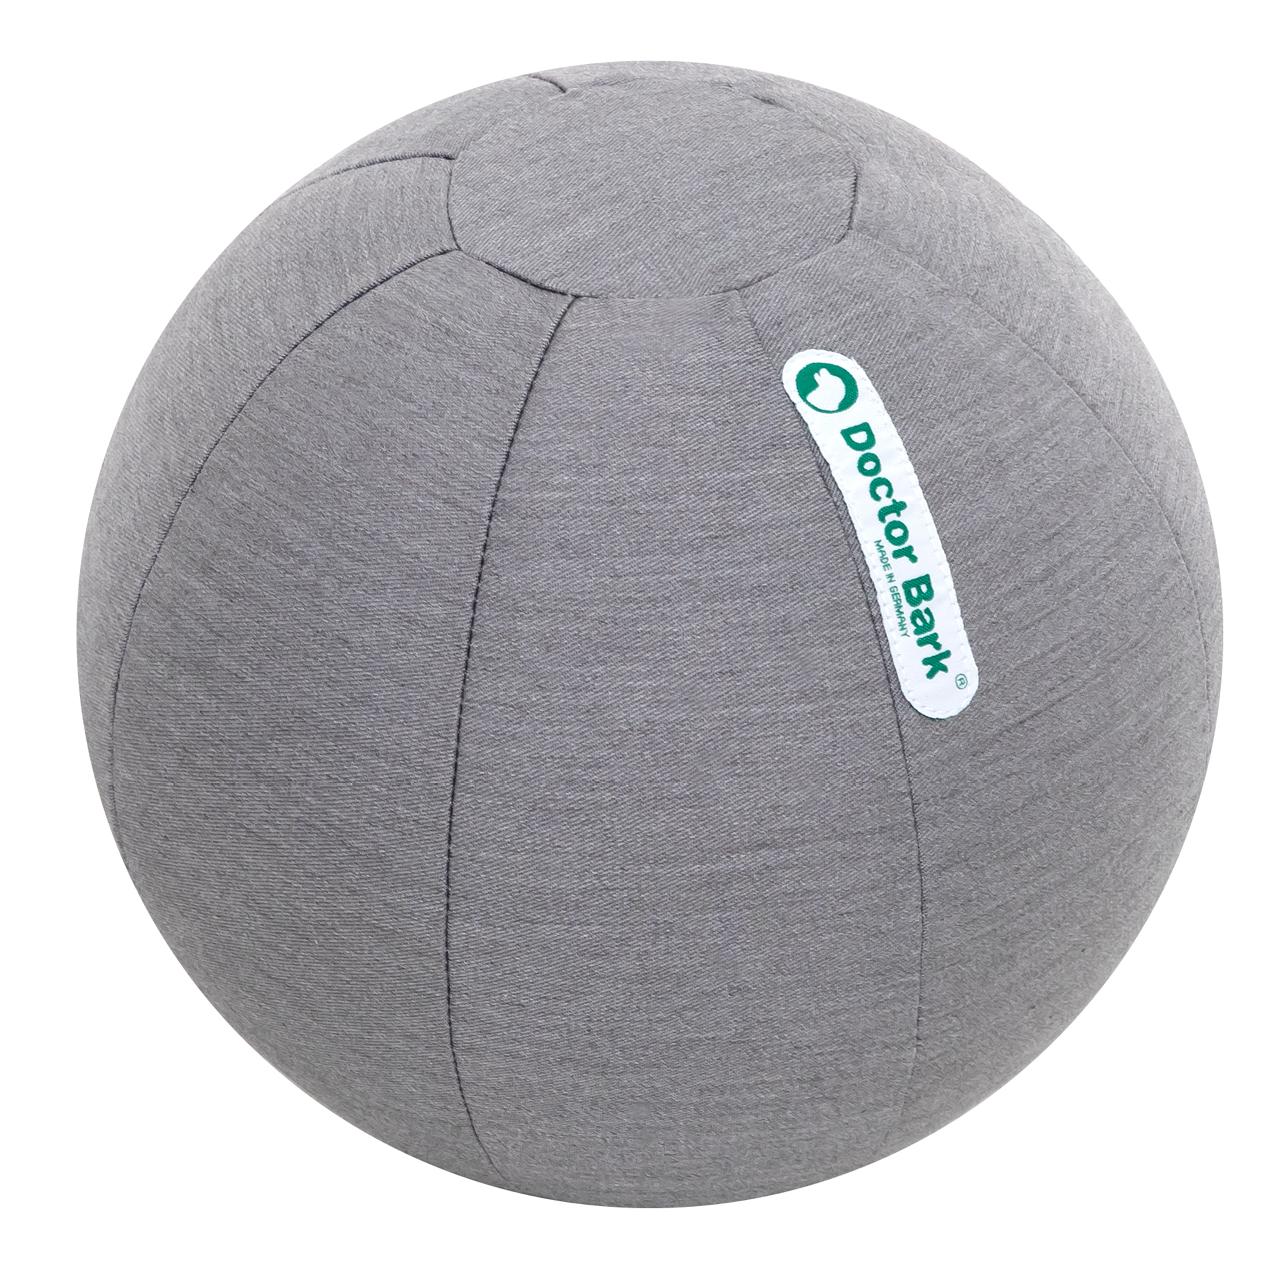 Toy Ball S hellgrau